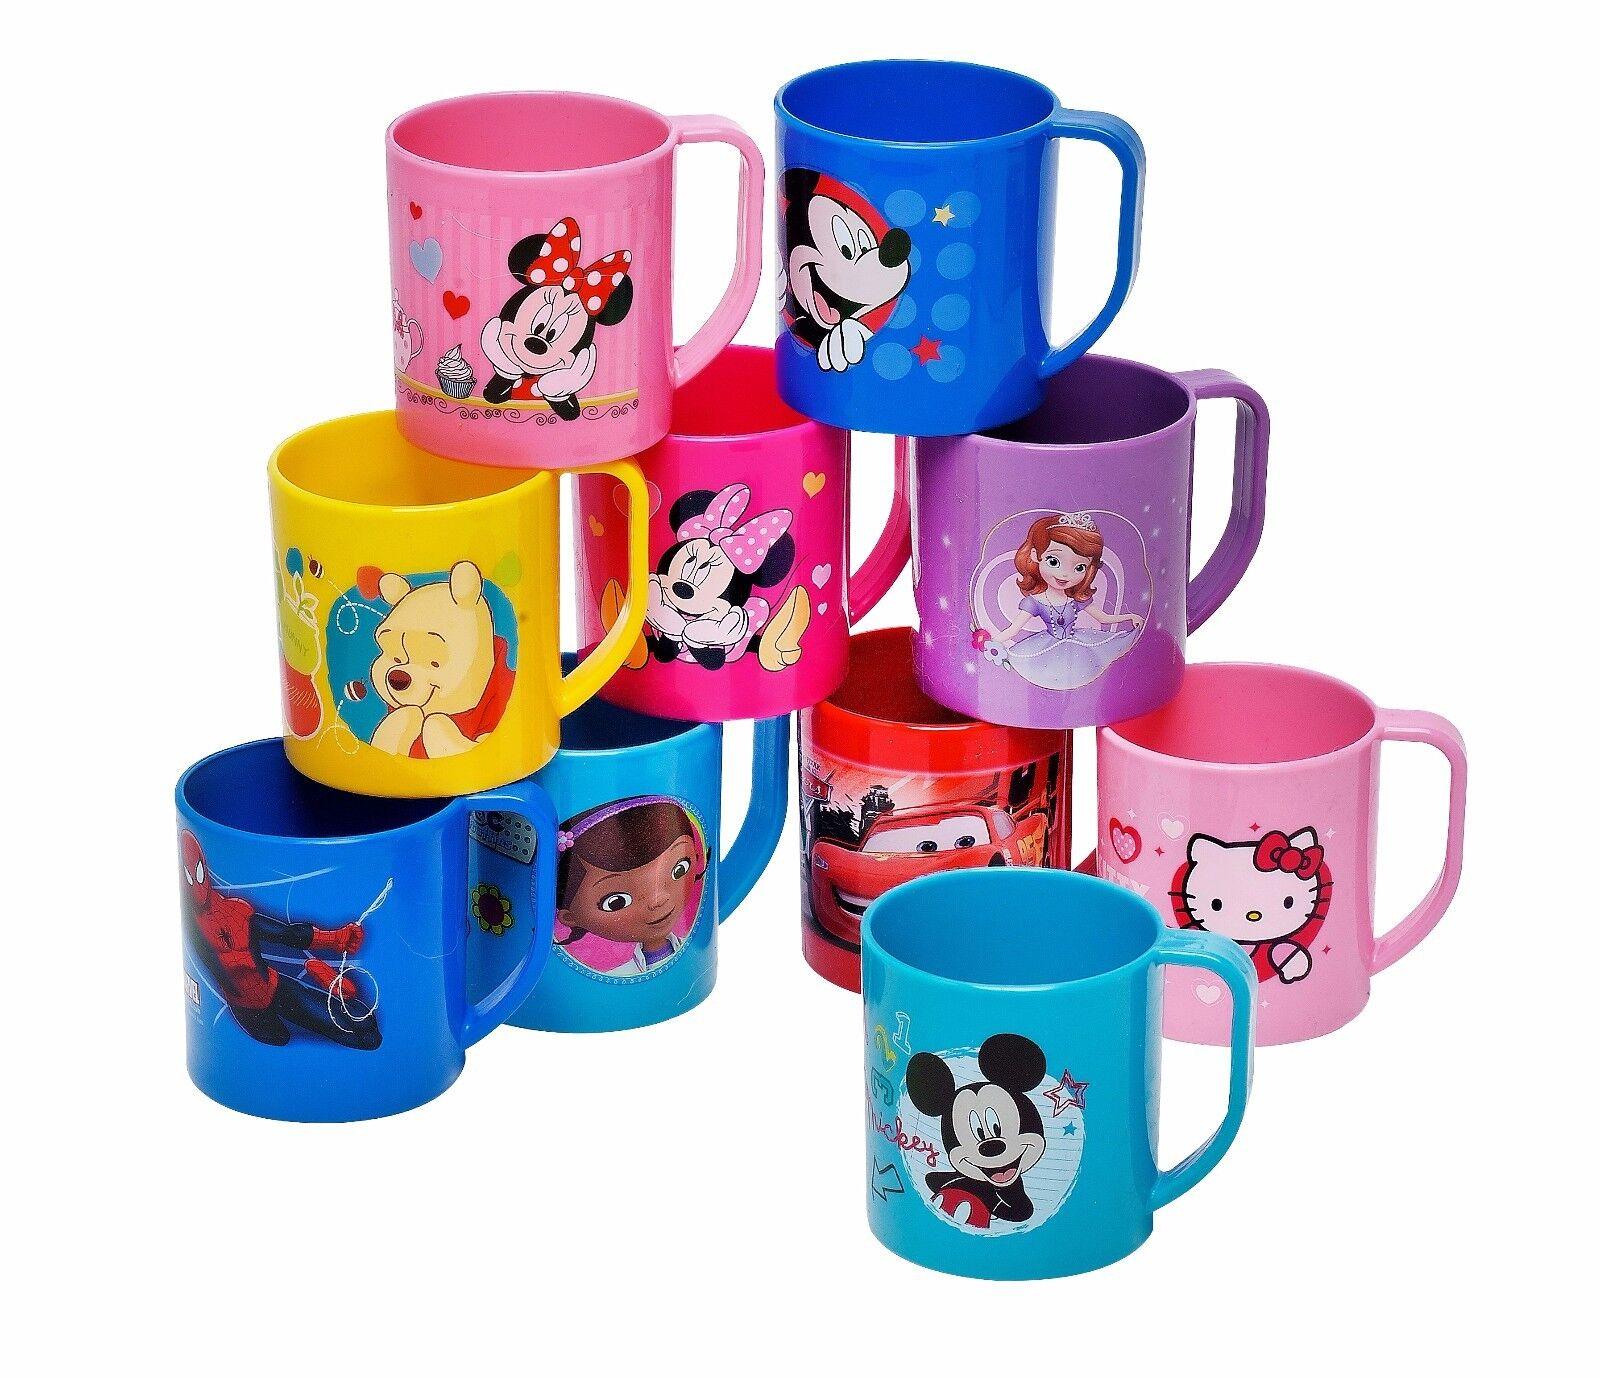 Disney Kinder Tasse Trinktasse Becher Bruchsicher 350 ml Mikrowelle Kunststoff